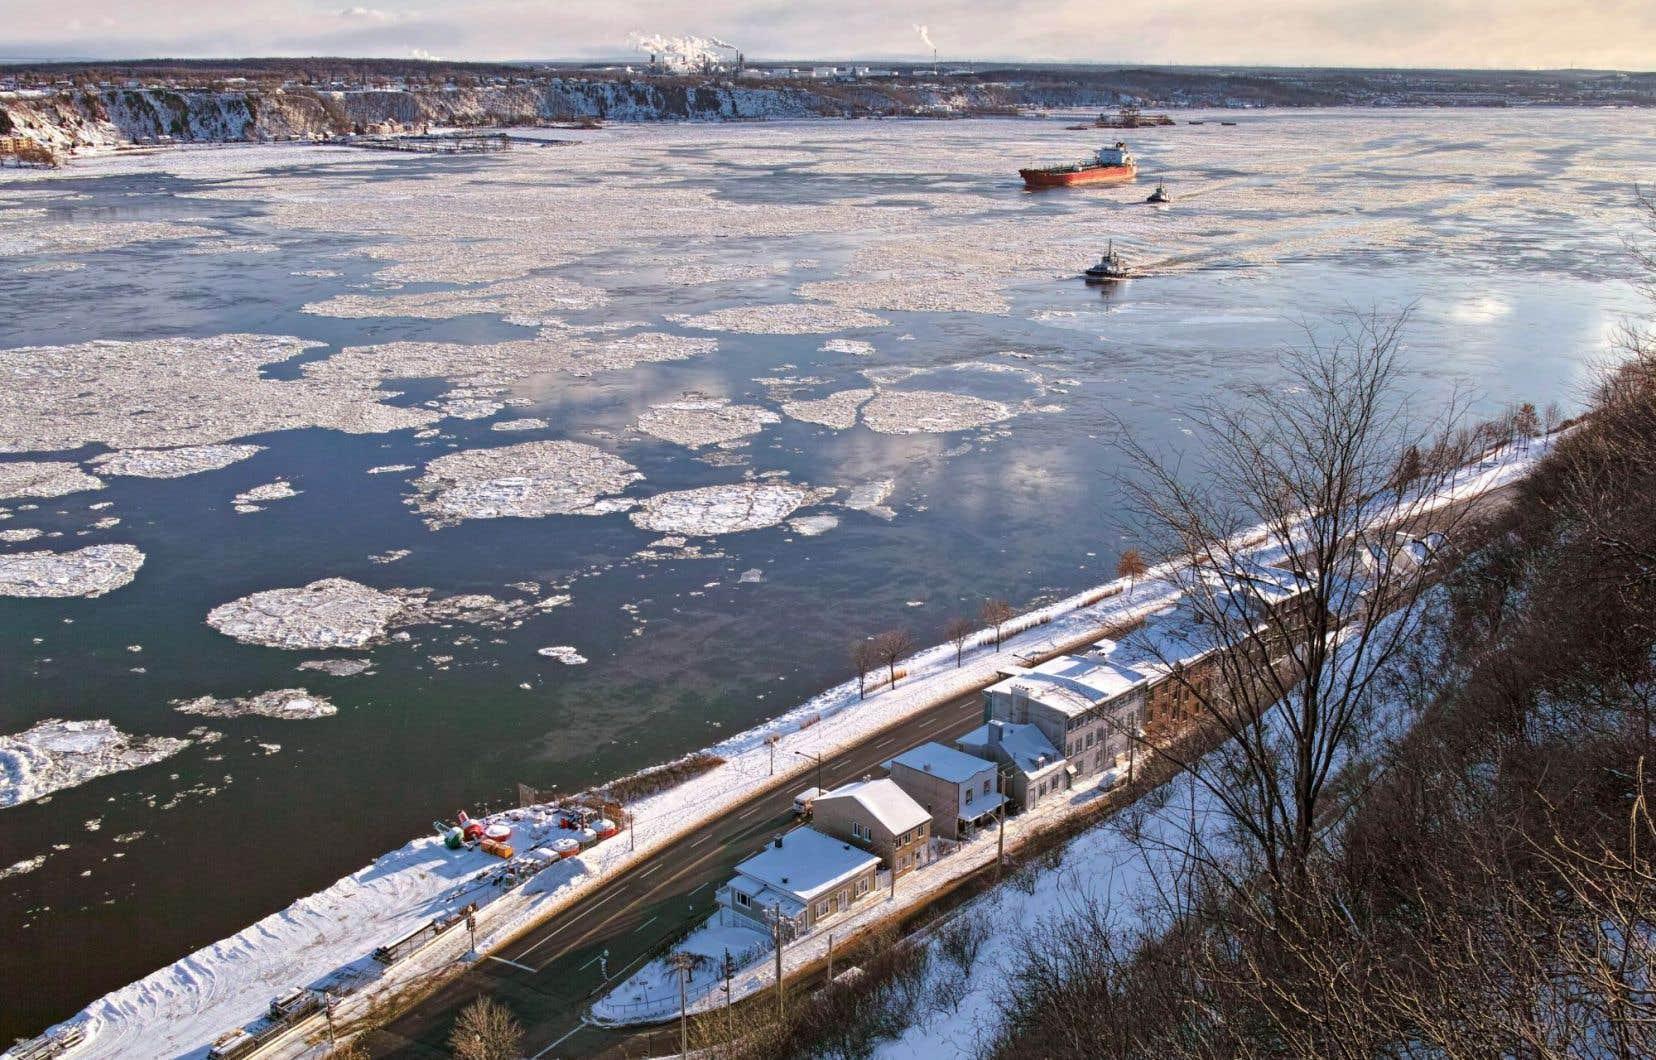 La plupart des études soulignent que TransCanada n'a pas suffisamment étudié les impacts du projet dans la région et particulièrement du passage du pipeline dans le fleuve entre Lévis et Saint-Augustin.